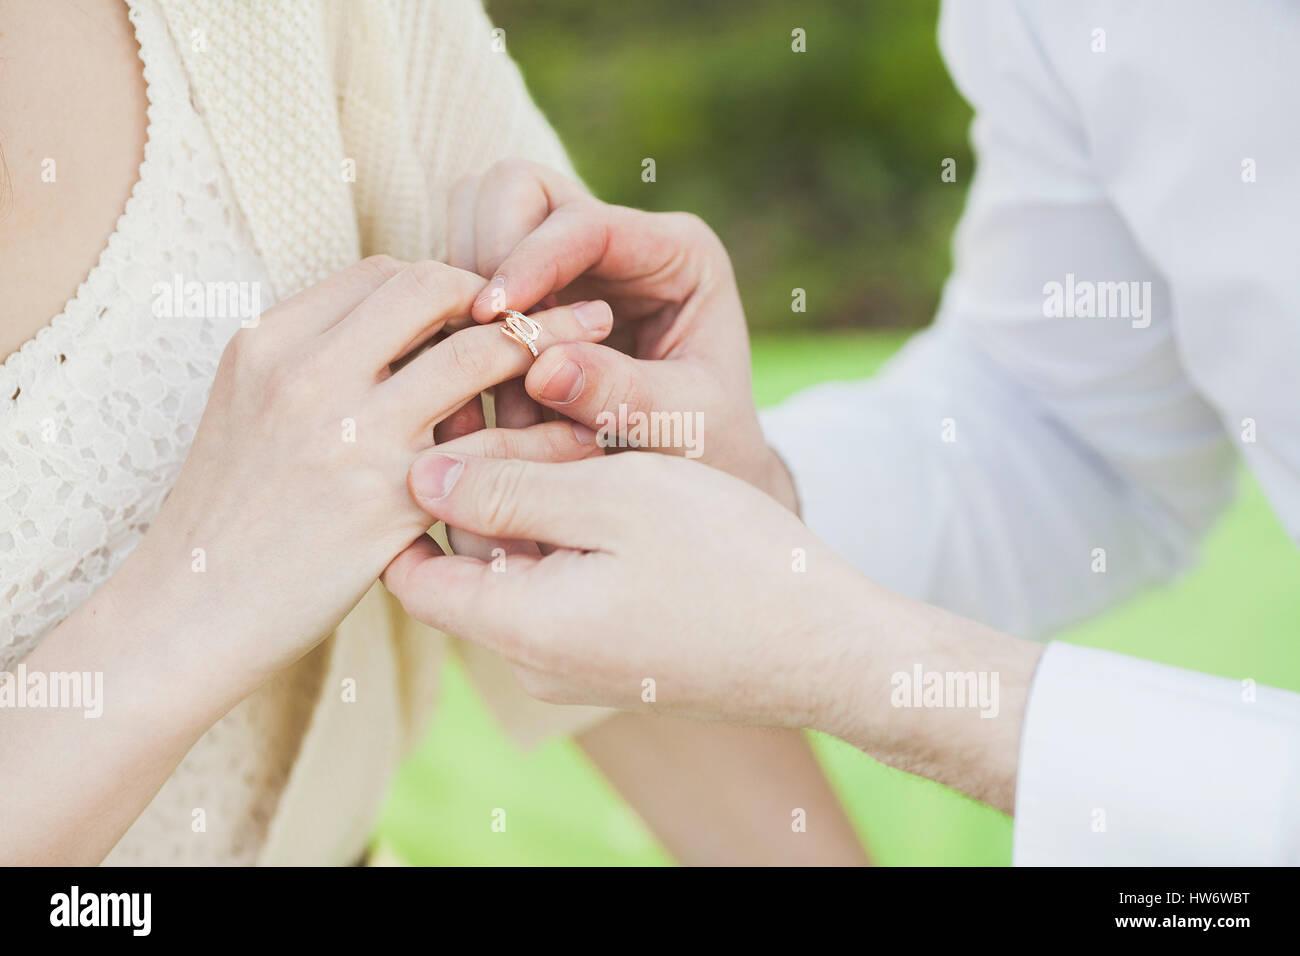 La oferta para casarse. manos del hombre vistiendo un anillo en el belo Imagen De Stock